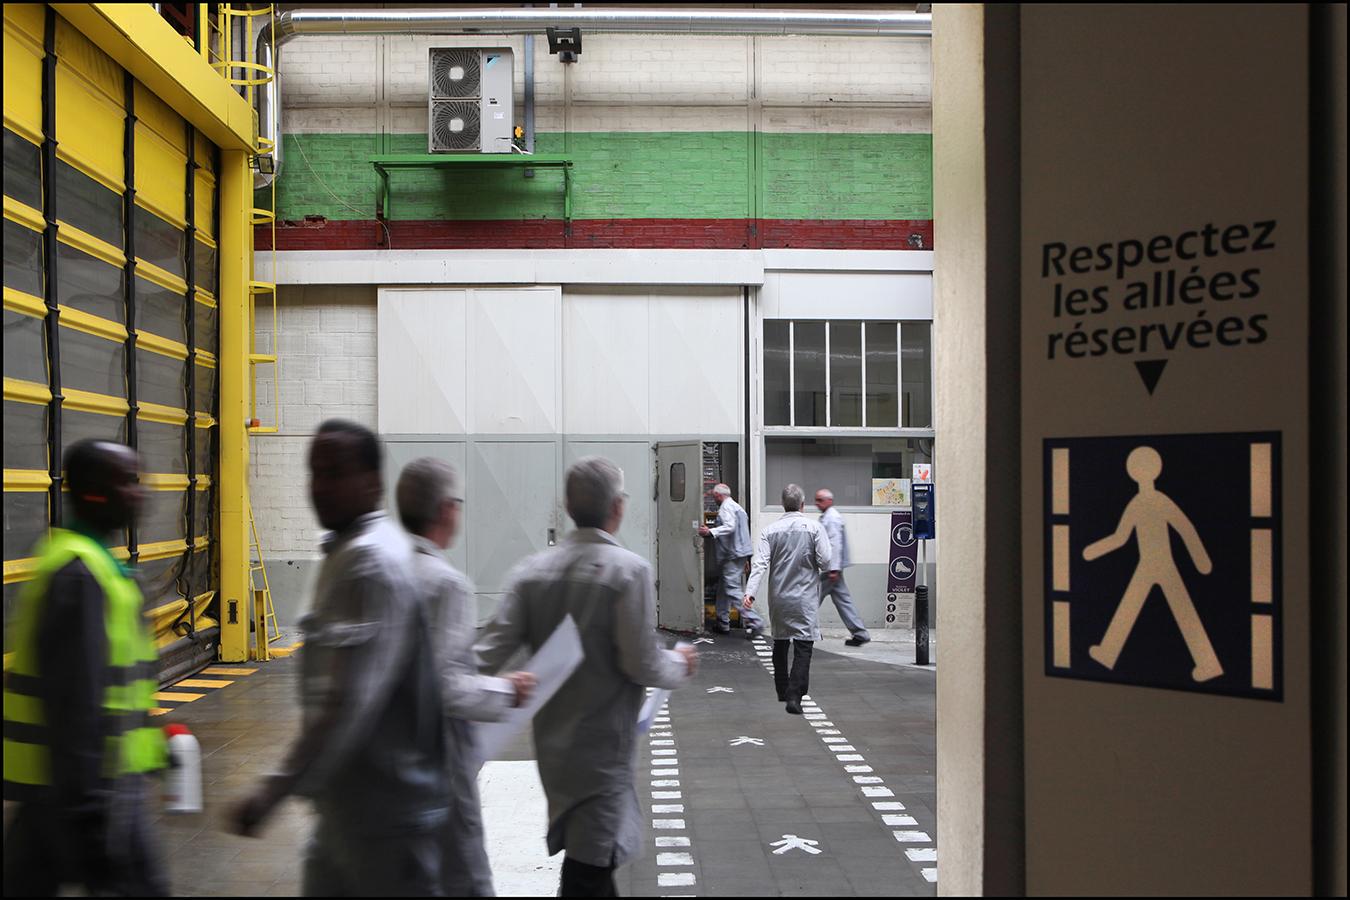 22 avril 2013 - Lieux. Usine PSA 93400 St Ouen.